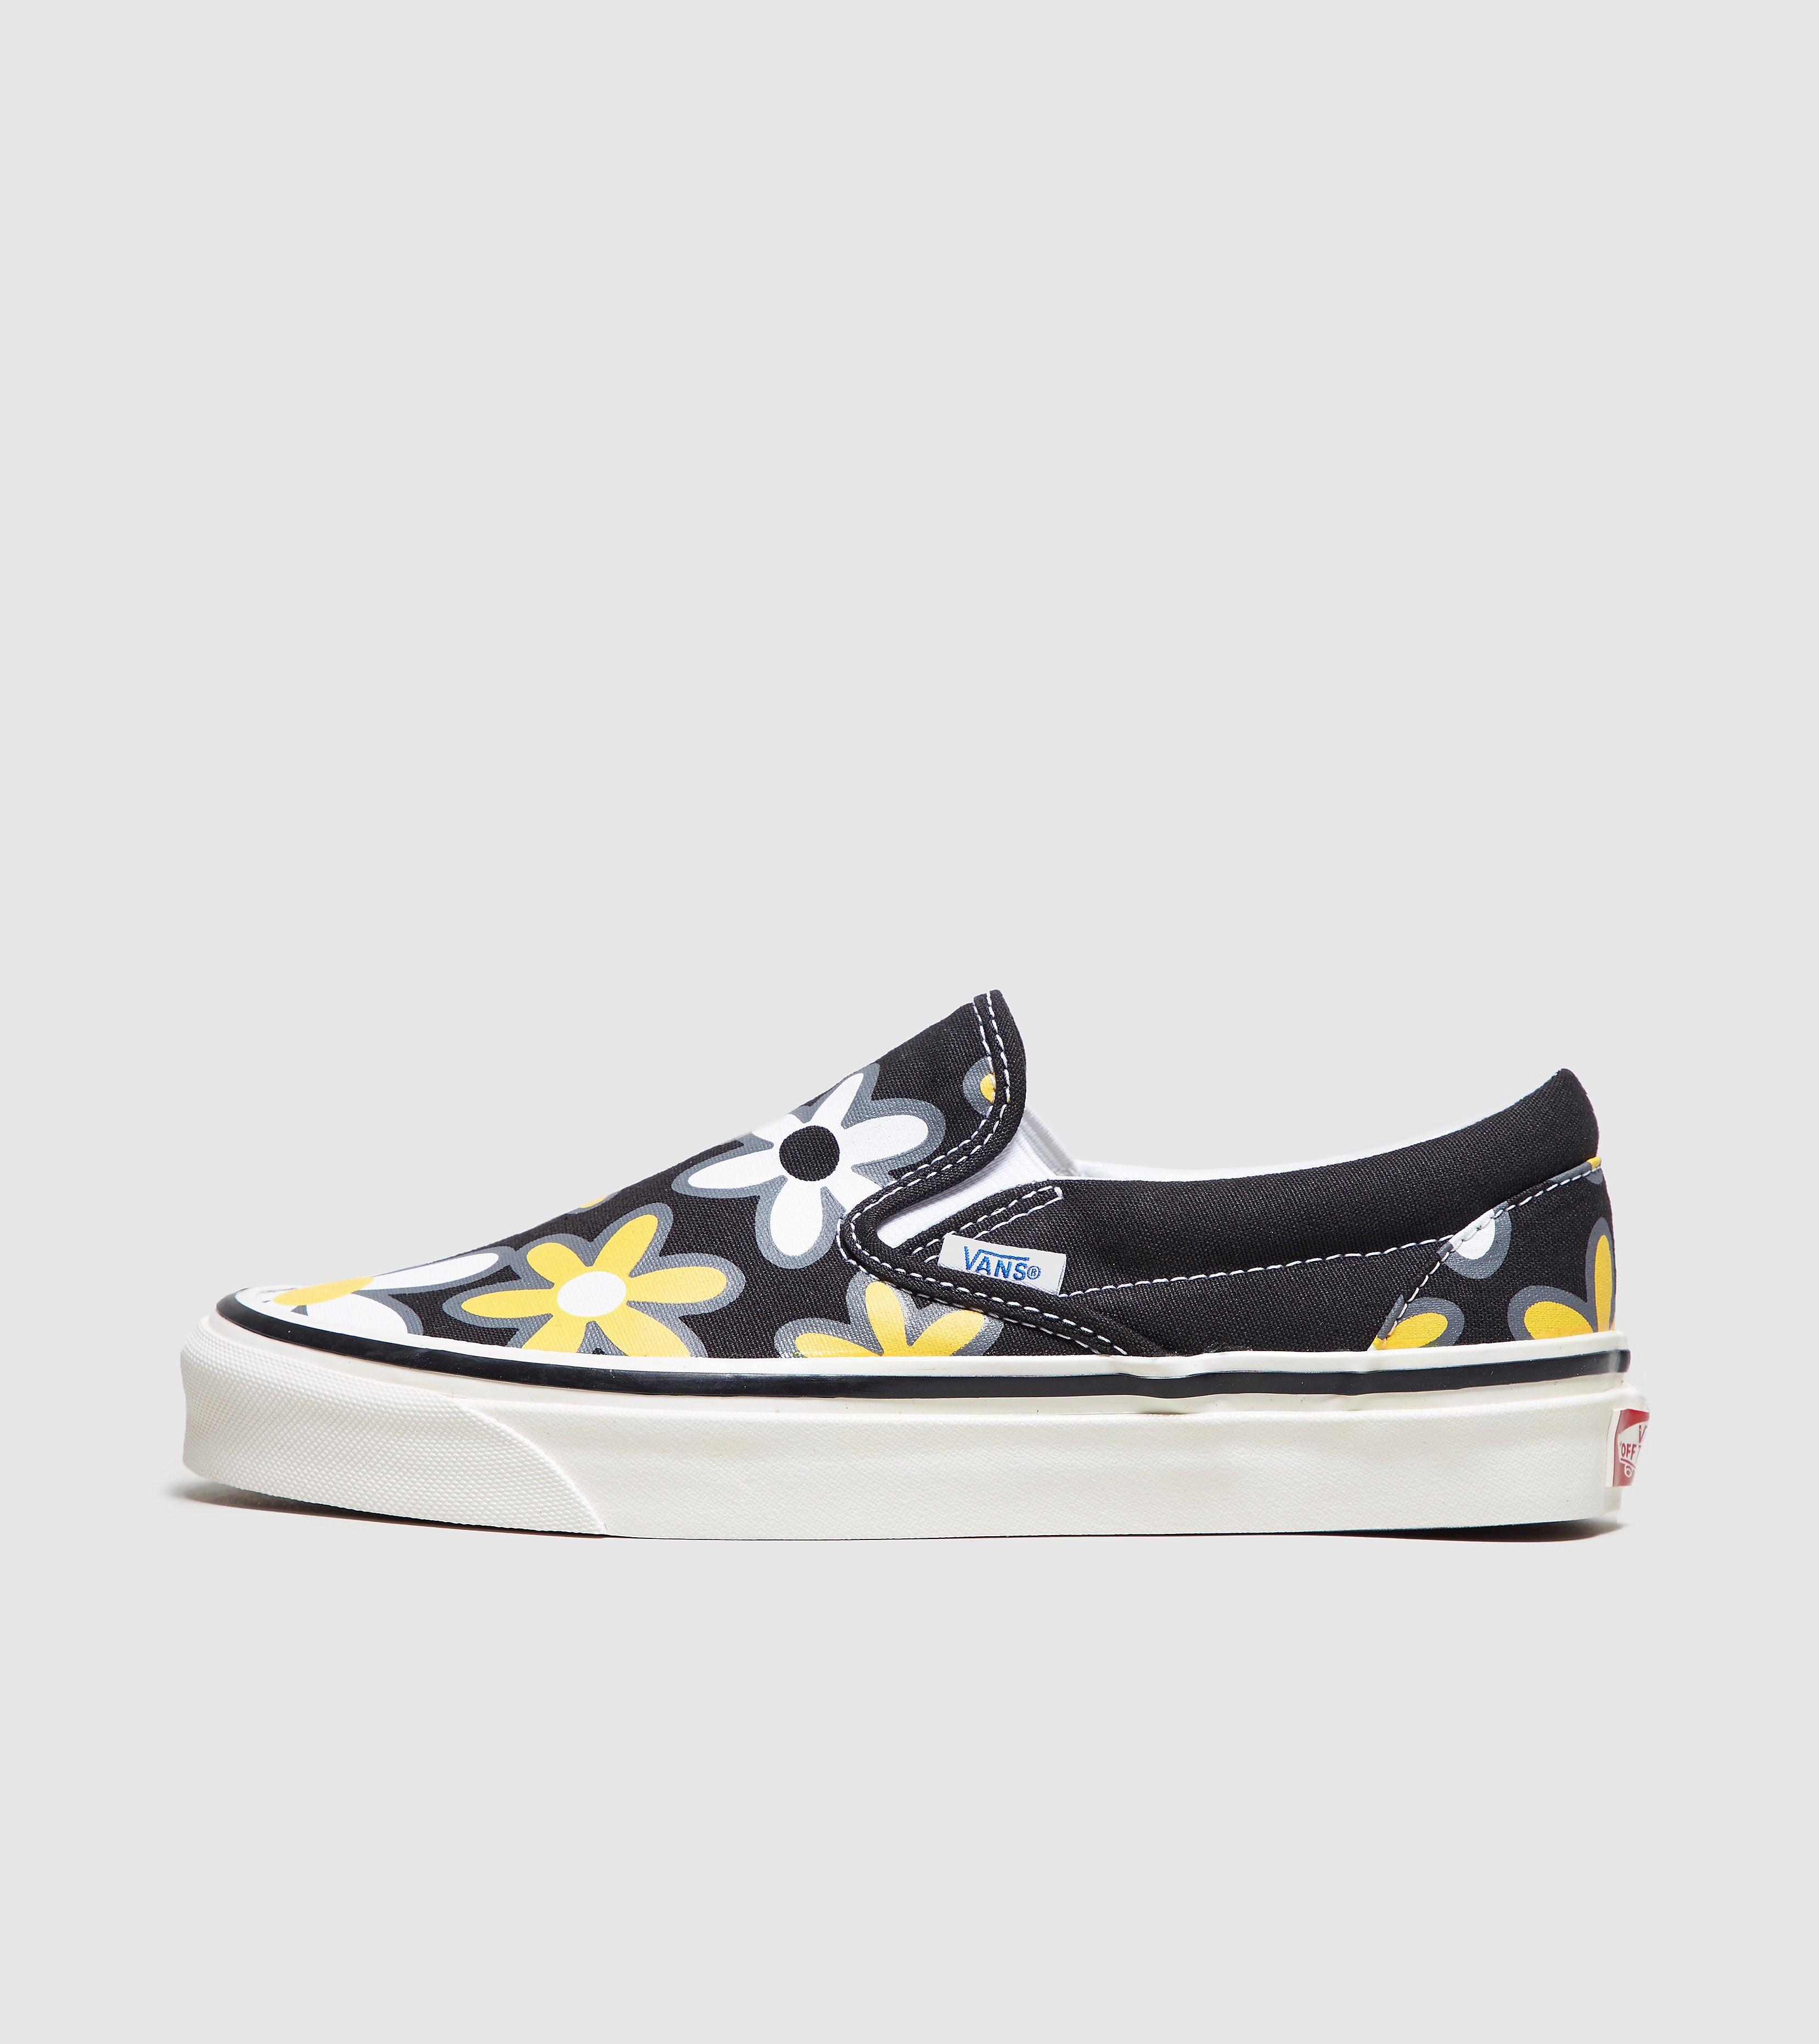 Vans Anaheim Slip-On Women's